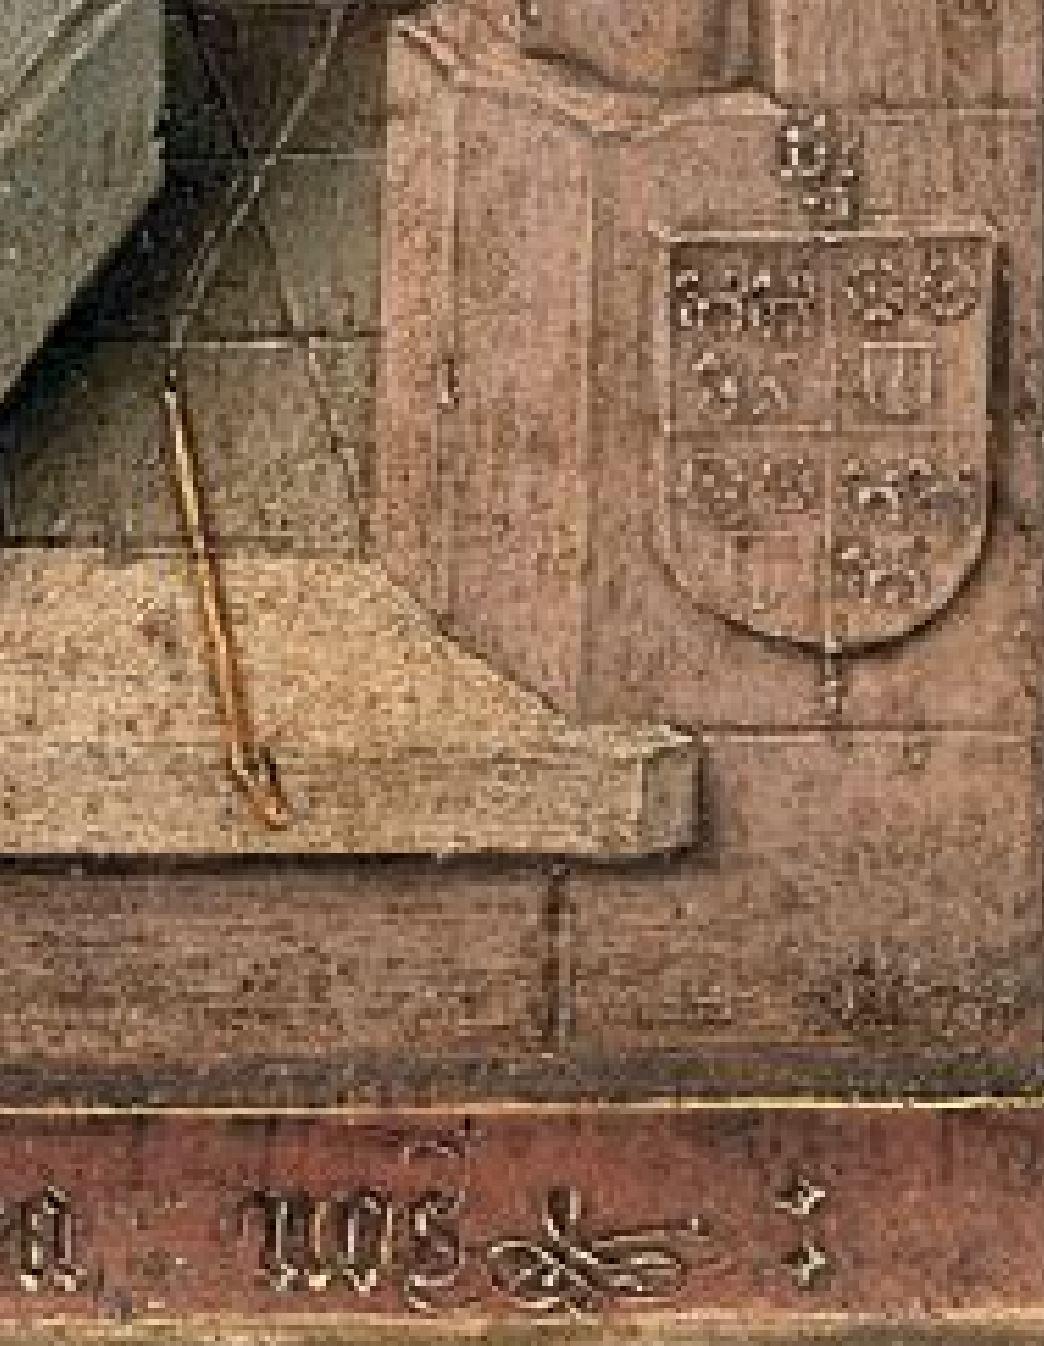 Diptych_Master_of_1499 Abbot Christiaan de Hondt Salvator Mundi , Koninklijk Museum voor Schone Kunsten, Antwerp left detail nos